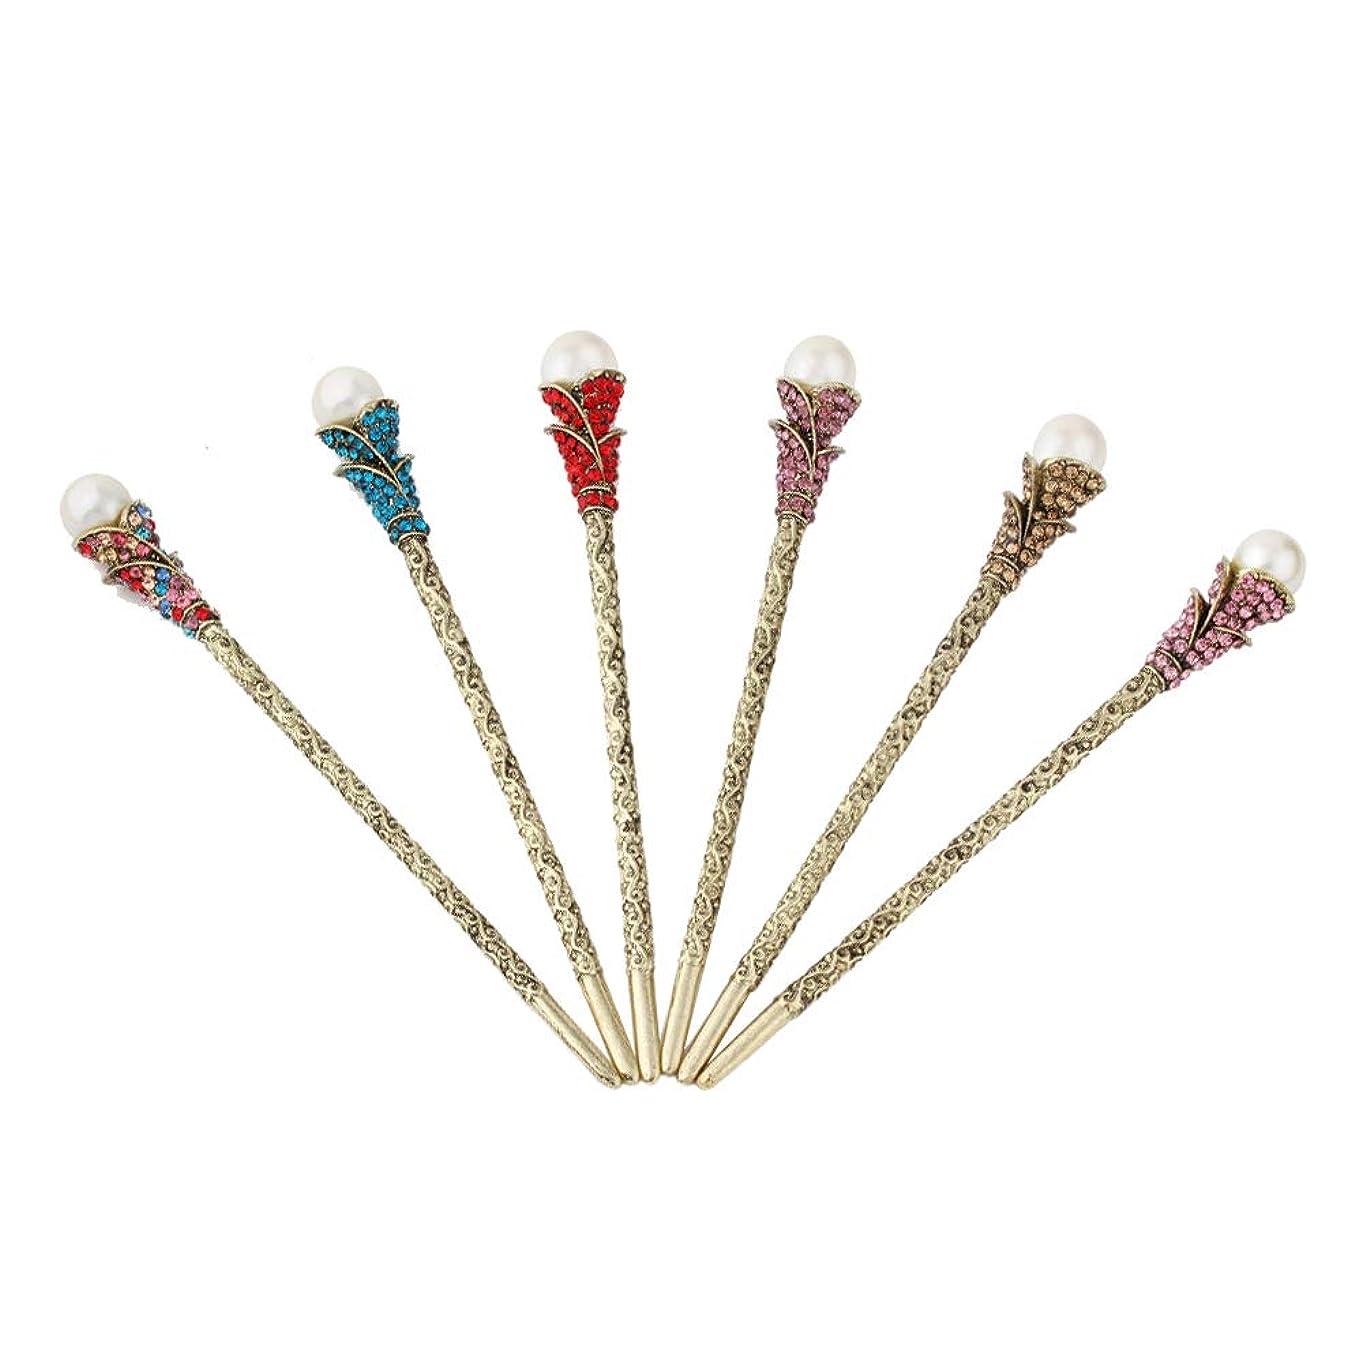 能力愛撫卒業記念アルバムFrcolor 女性のための真珠の優雅な古代のラインストーンのヘアピン咲くヘアピンの頭飾りと伝統的な中国の花のヘアピン箸